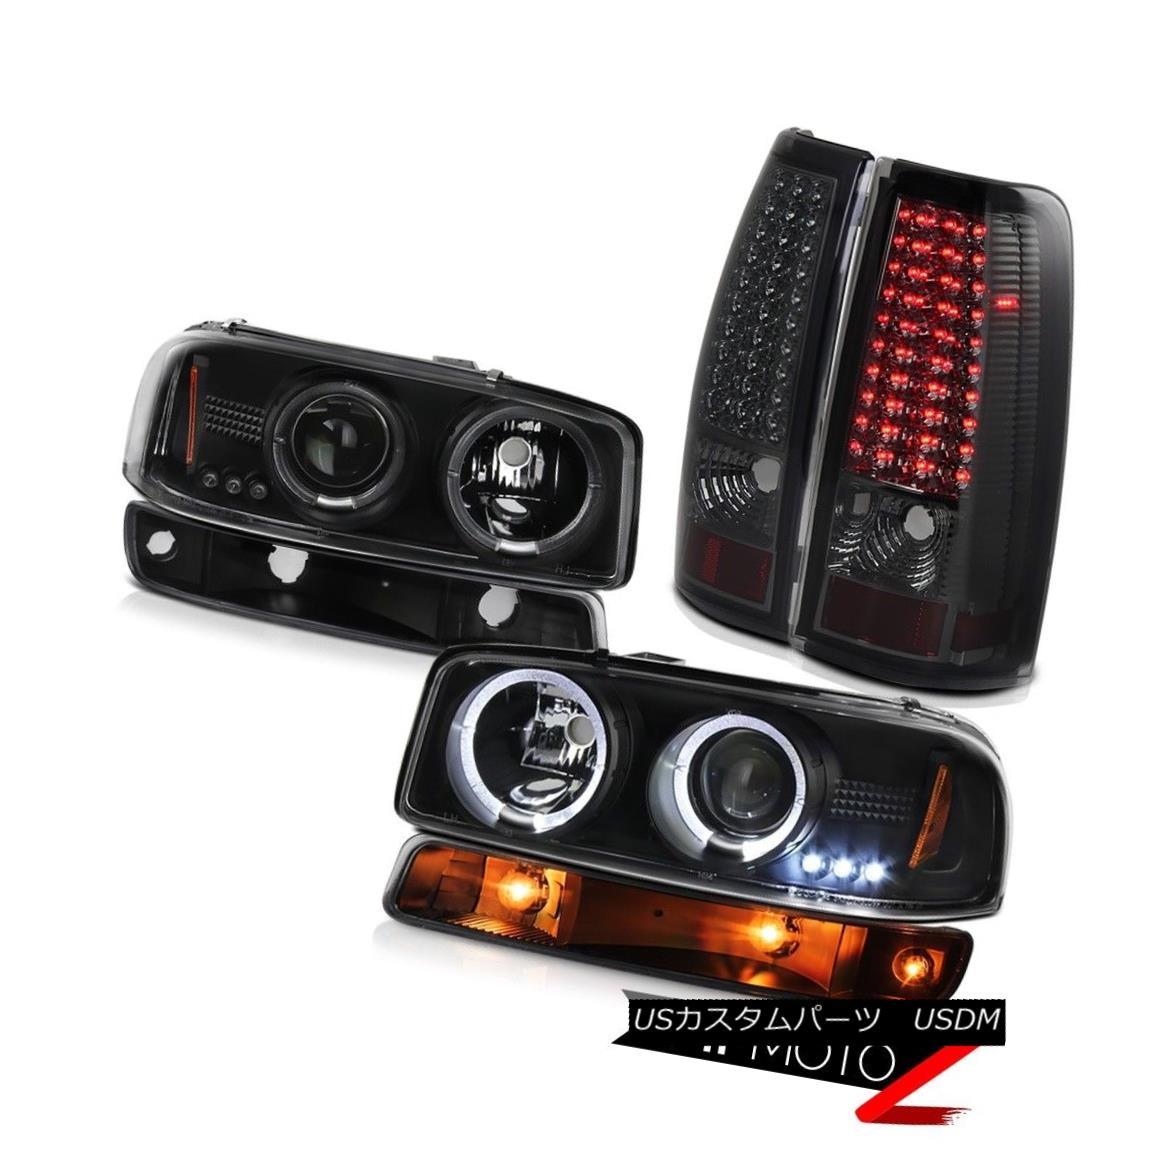 ヘッドライト 1999-2006 Sierra GMT800 Dark smoke taillamps inky black signal lamp headlamps 1999-2006 Sierra GMT800ダーク・スモーク・テールライト・インク・ブラック信号灯ヘッドランプ